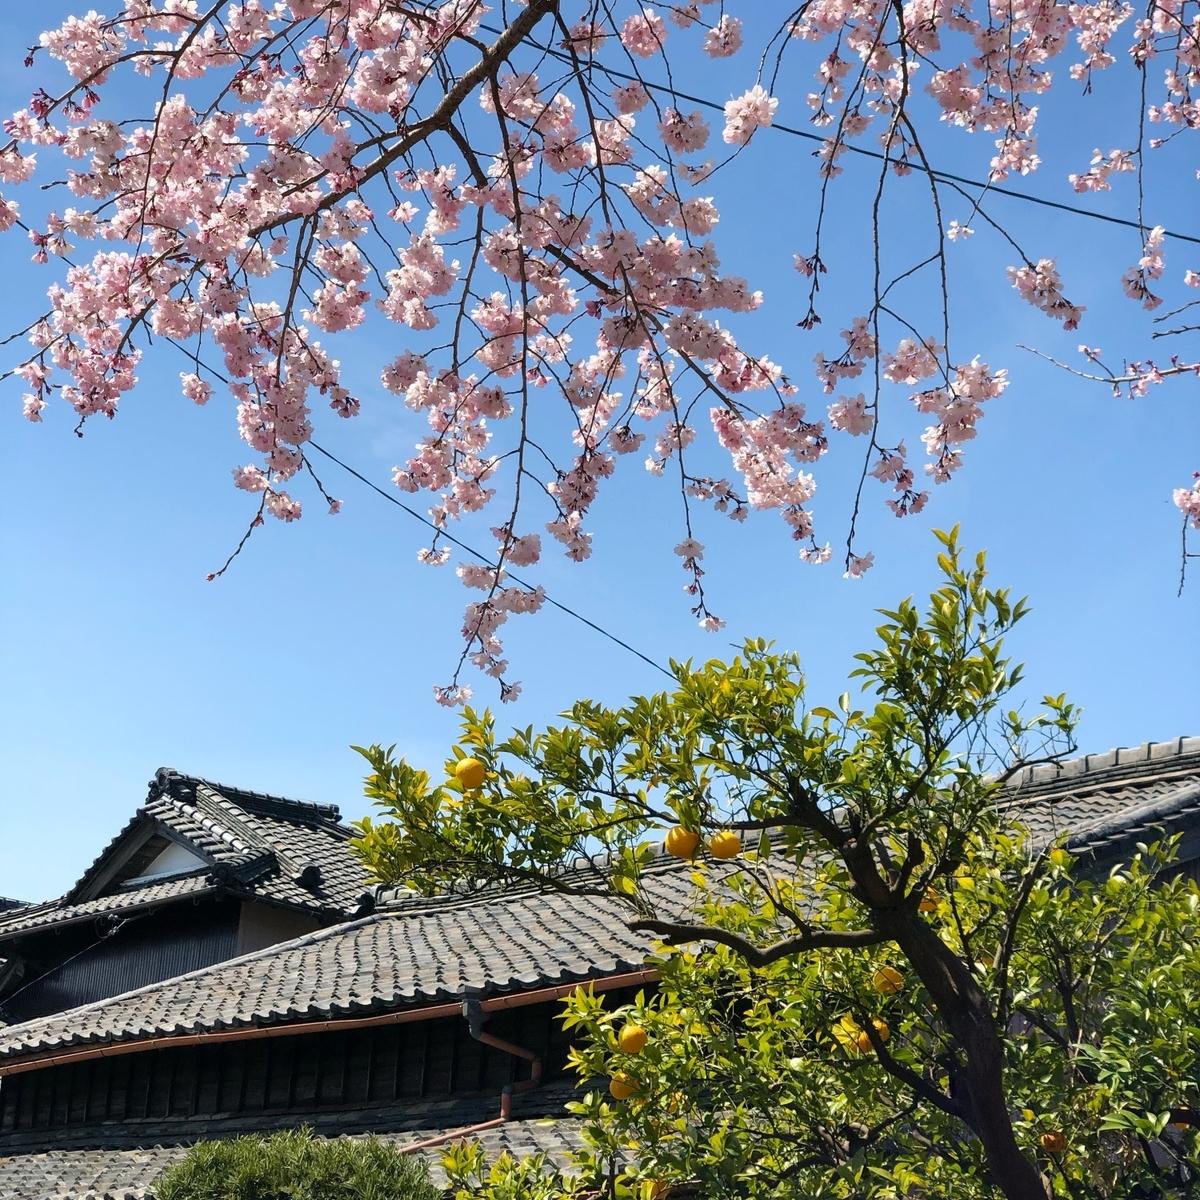 松坂の古民家と桜イメージ